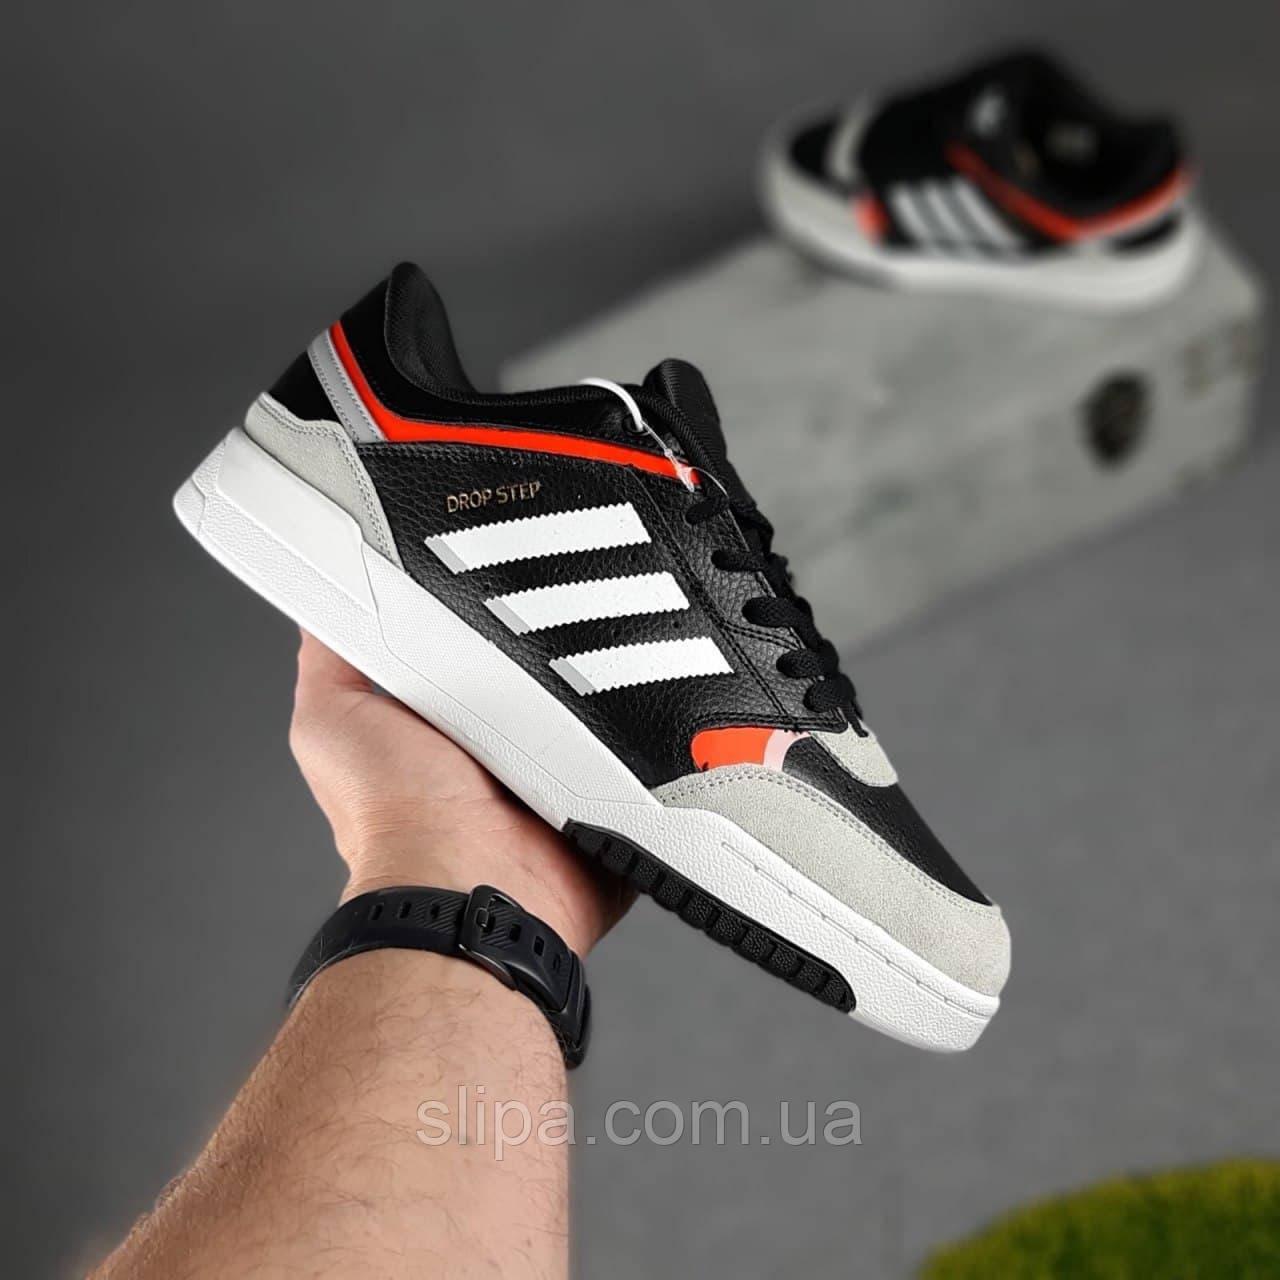 Мужские кожаные кроссовки в стиле Adidas DROP Step чёрные с белым